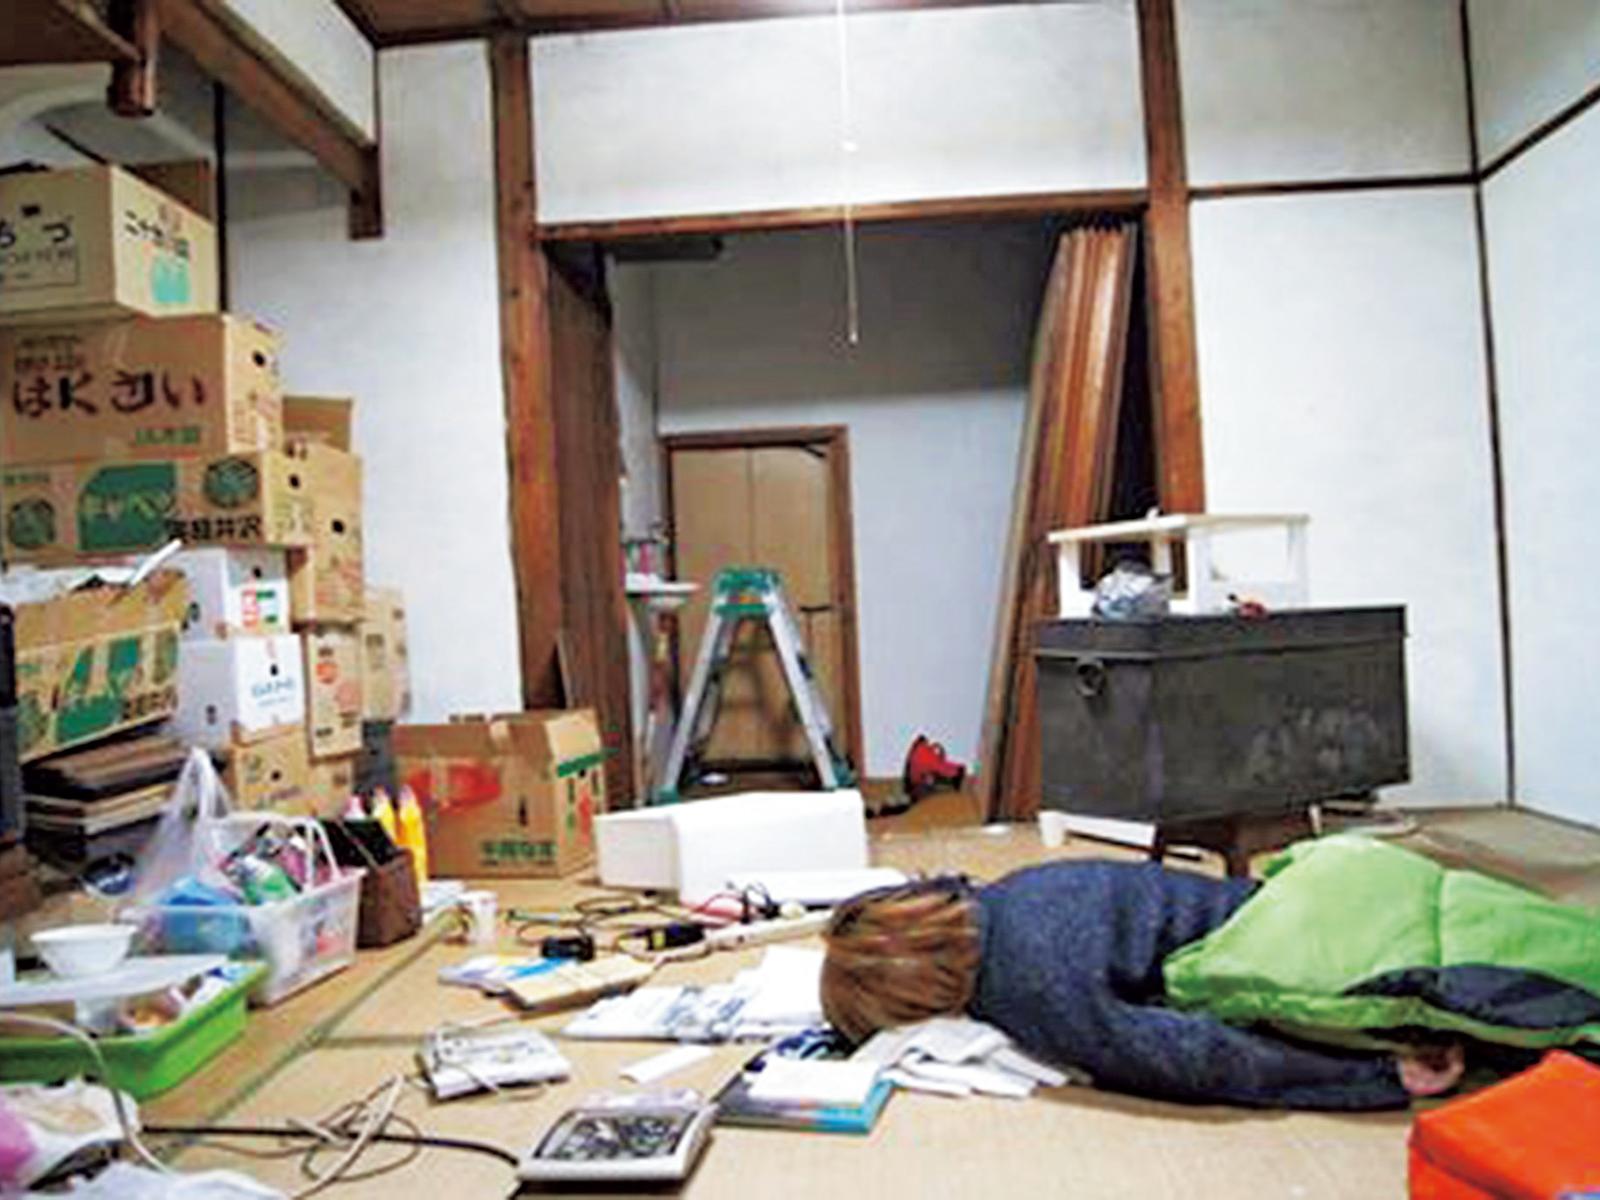 神吉さんがSNSにアップした「ヘルプ・ミ―!」の写真。見知らぬ人まで「近所だから」とDIYの手伝いに来てくれた。